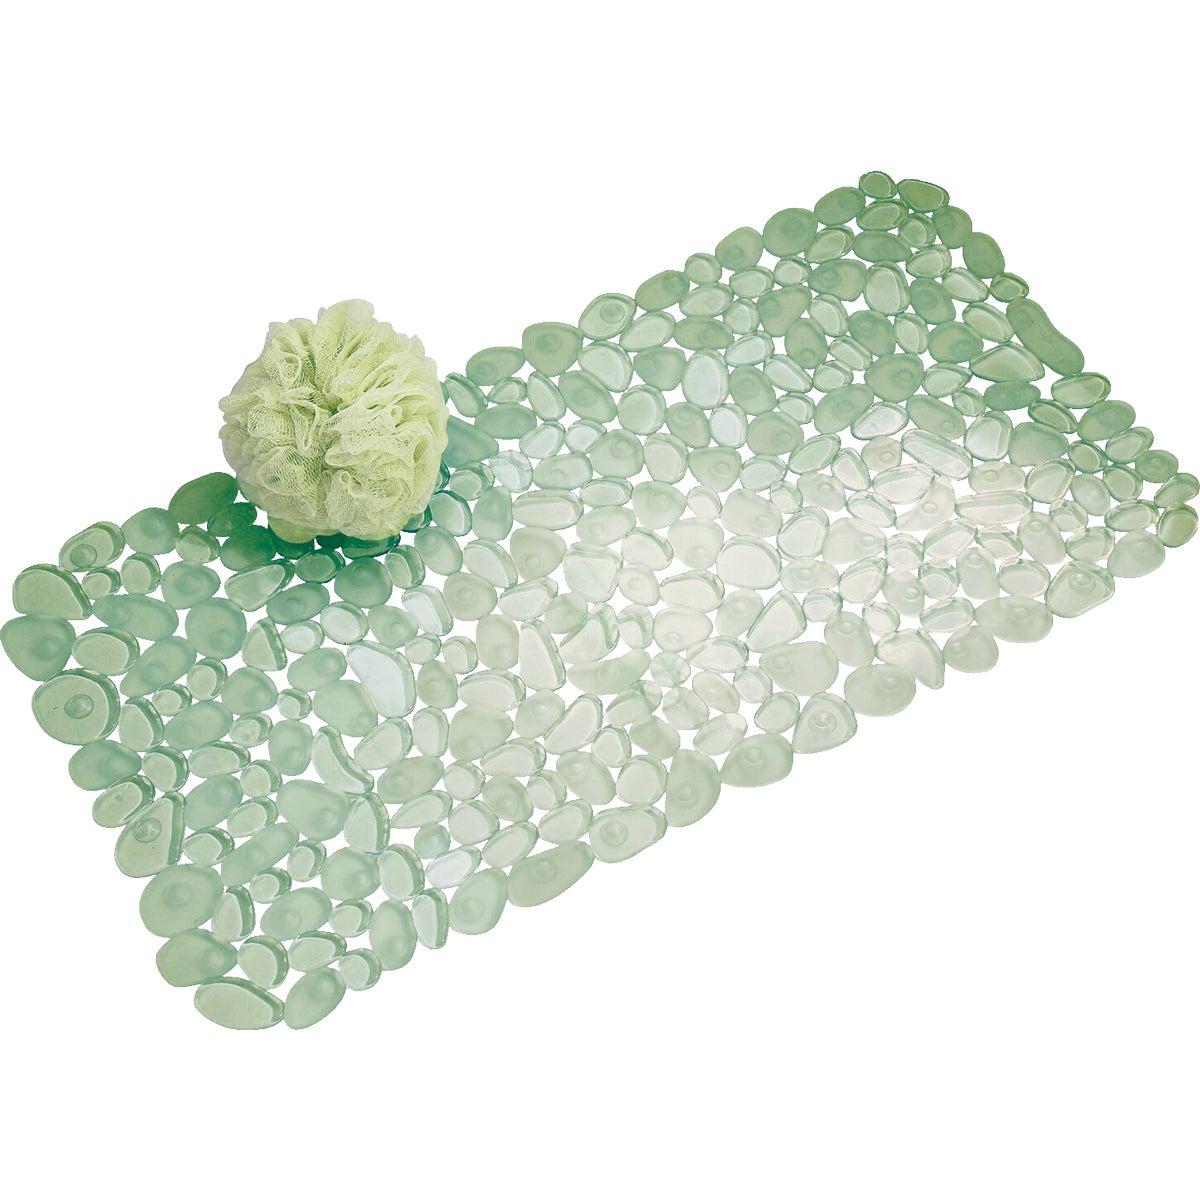 Interdesign GREEN PEBBLZ BATH MAT 80012